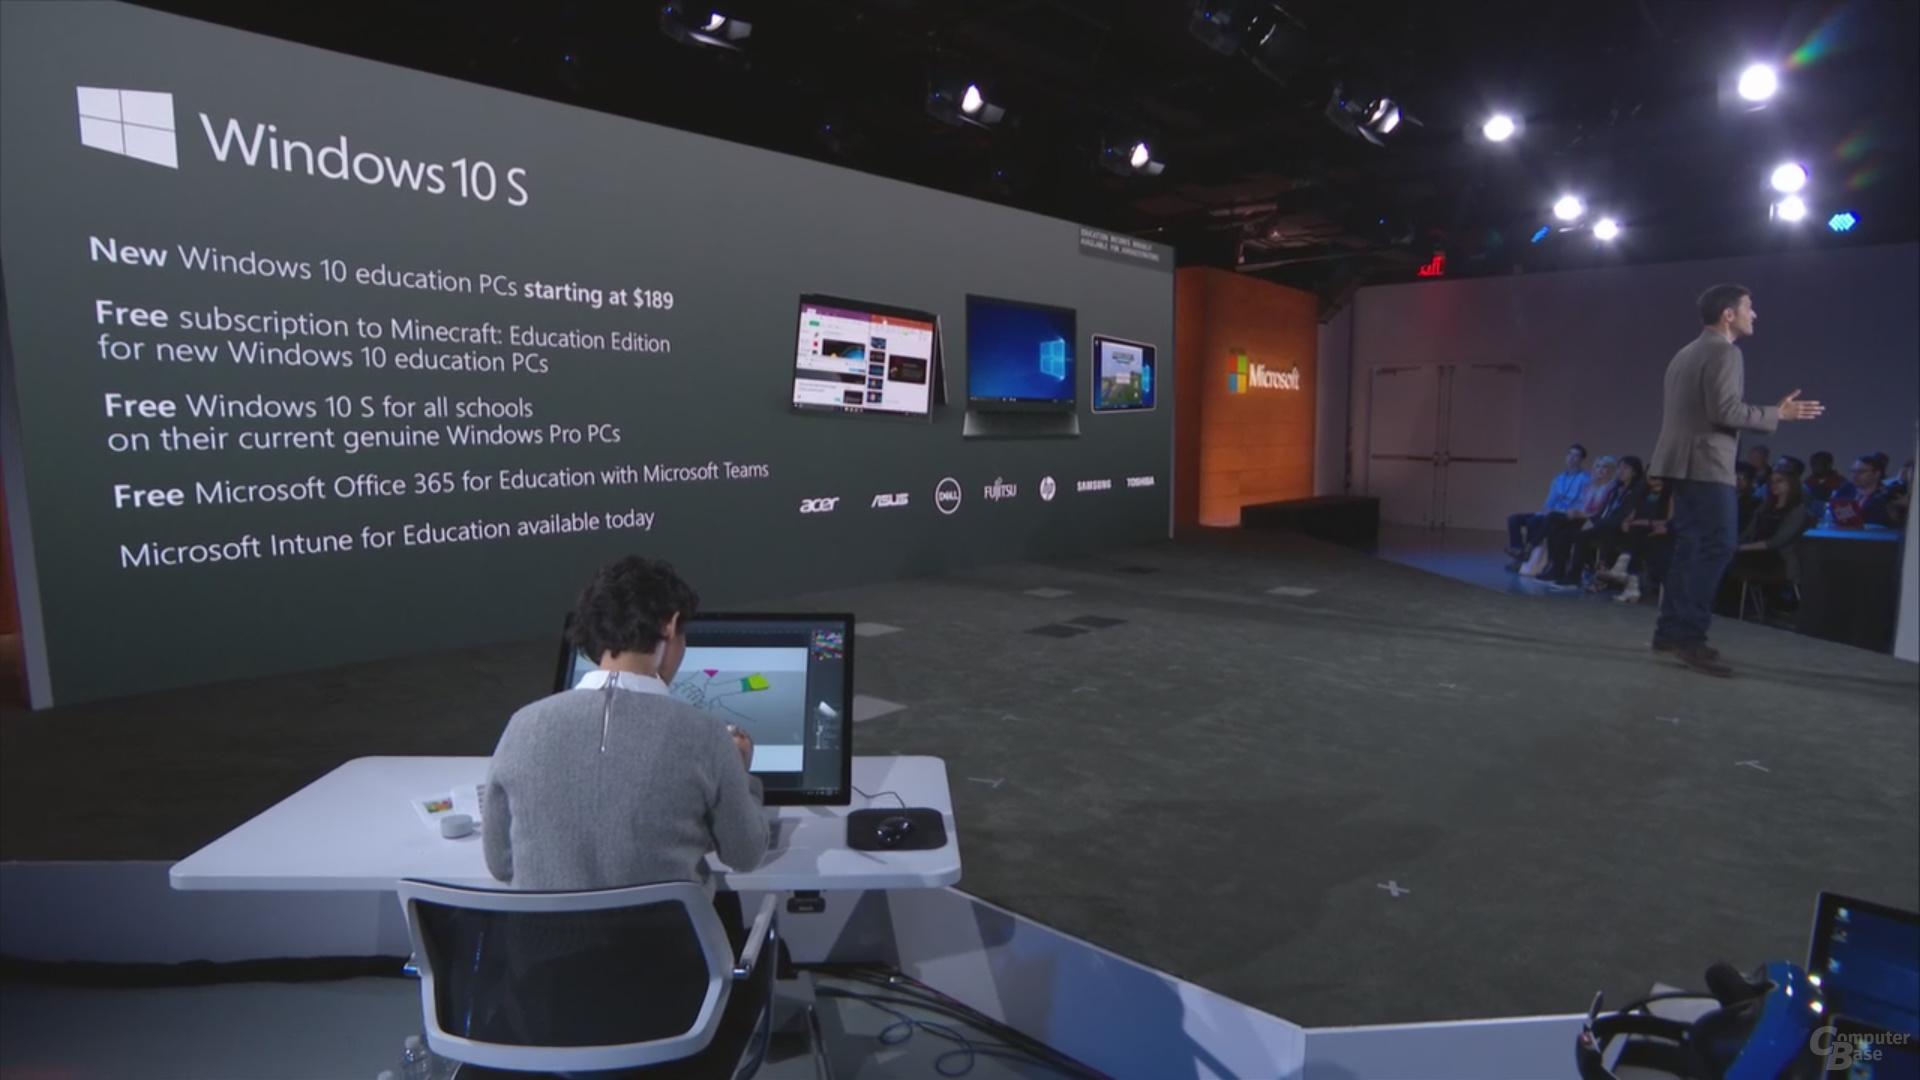 Windows 10 S startet zusammen mit kostenlosen Diensten